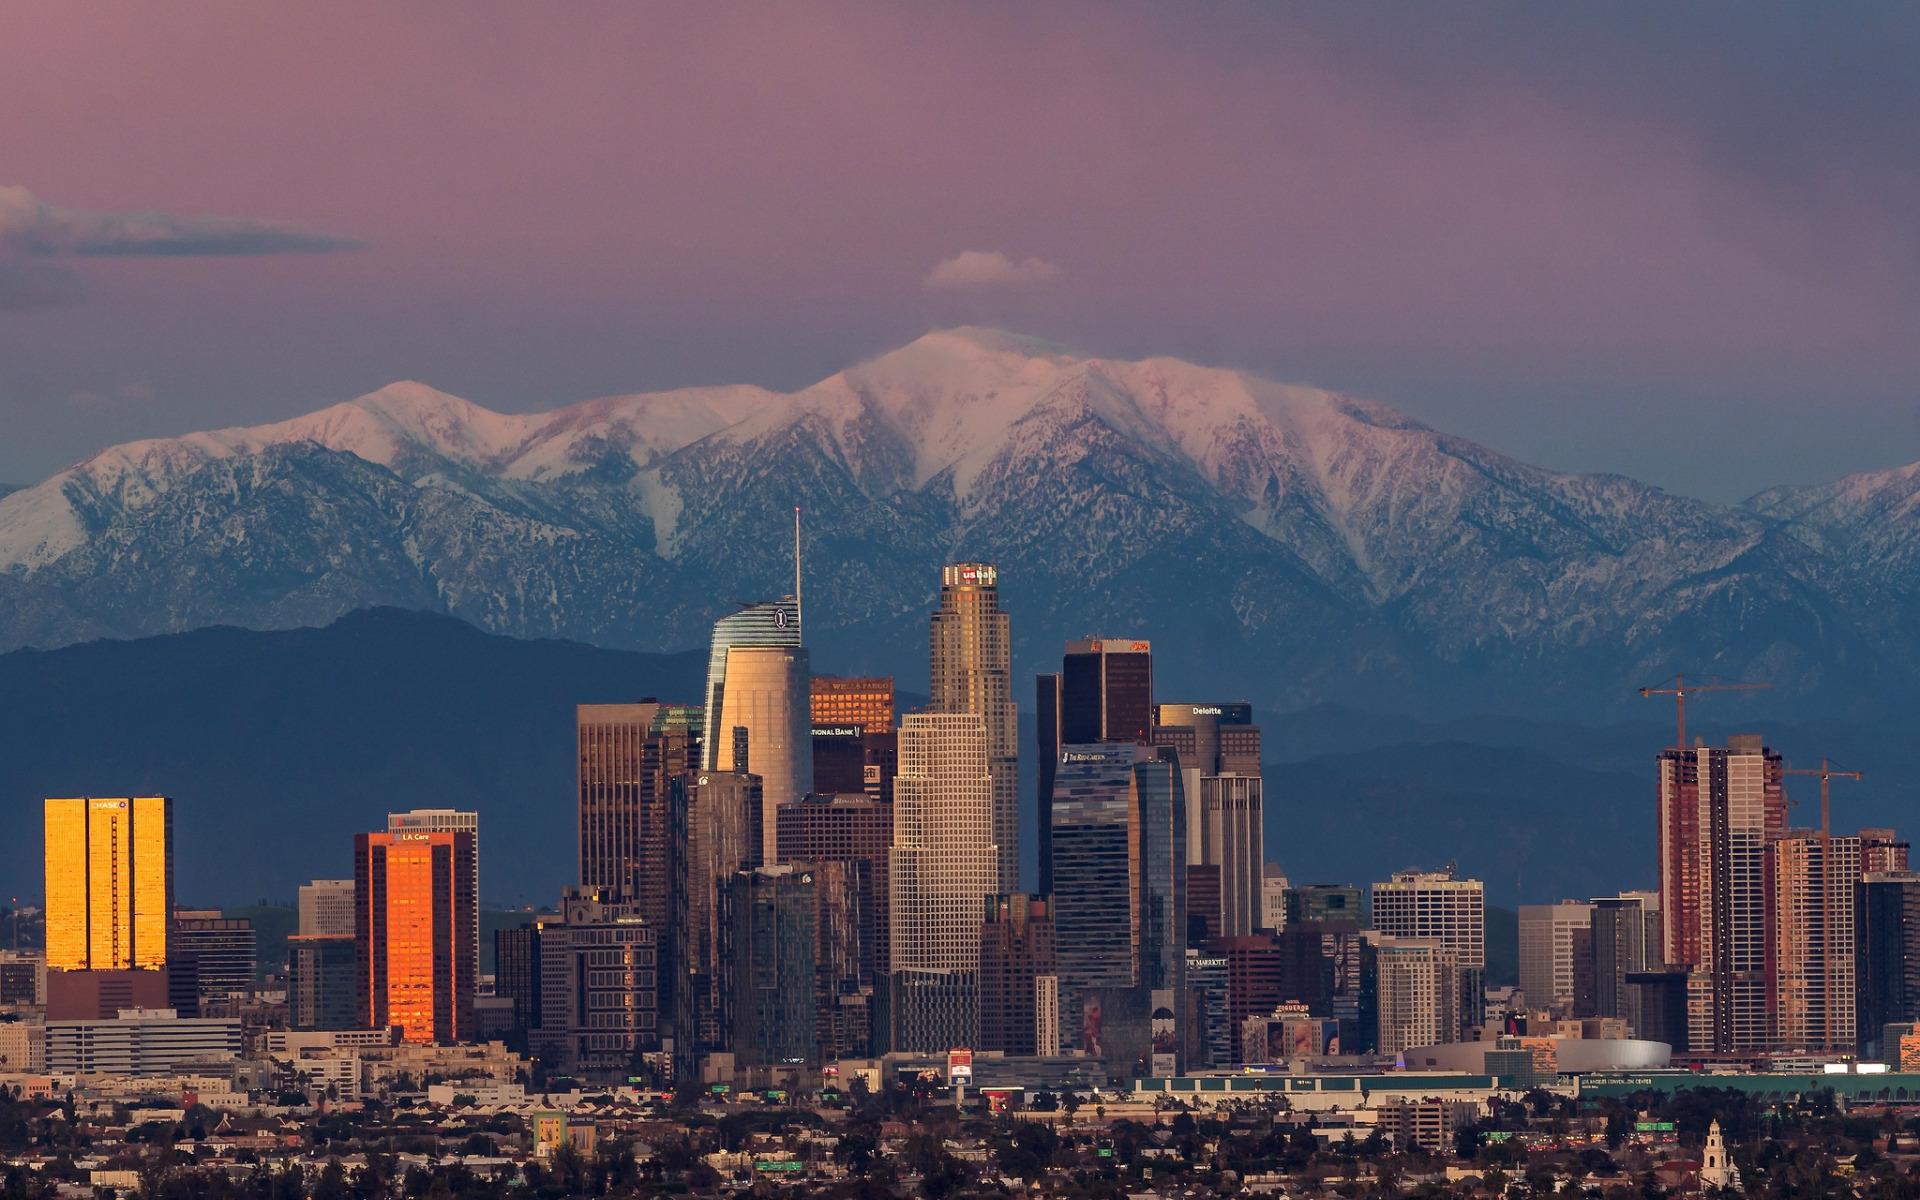 ارسال بار هوایی به لس آنجلس